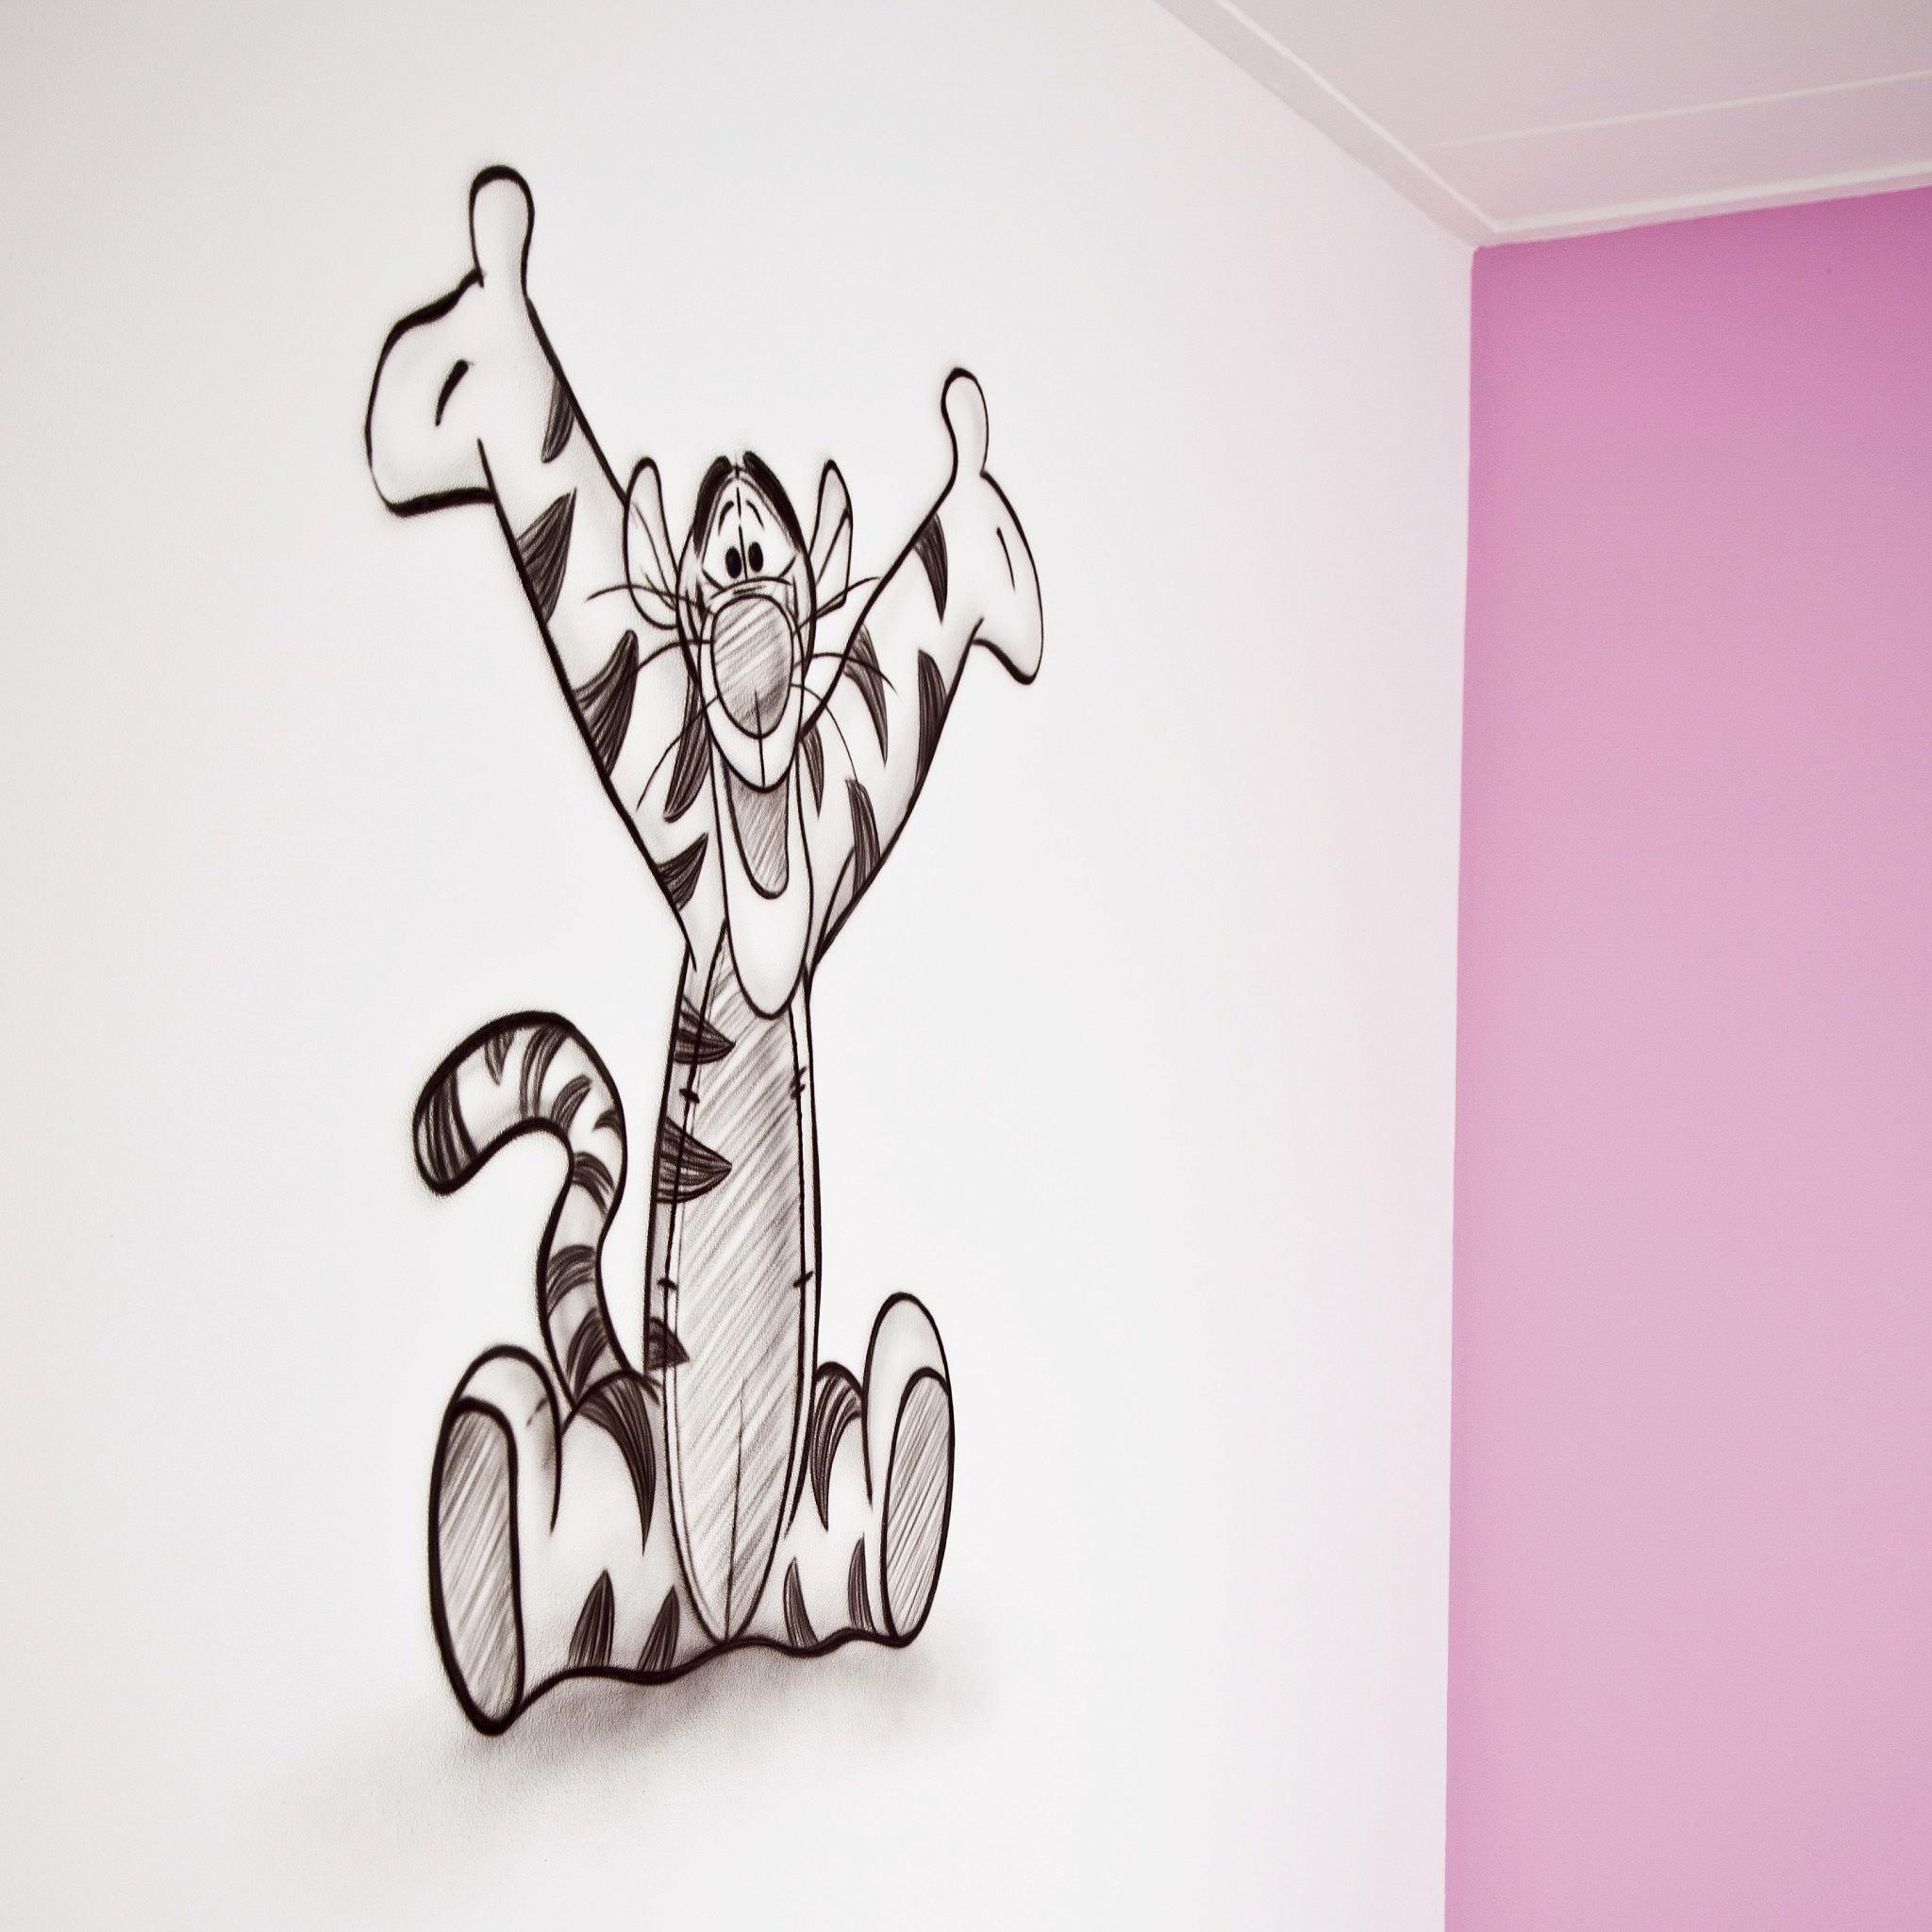 Teigetje schets zwart-wit muurschildering in babykamer